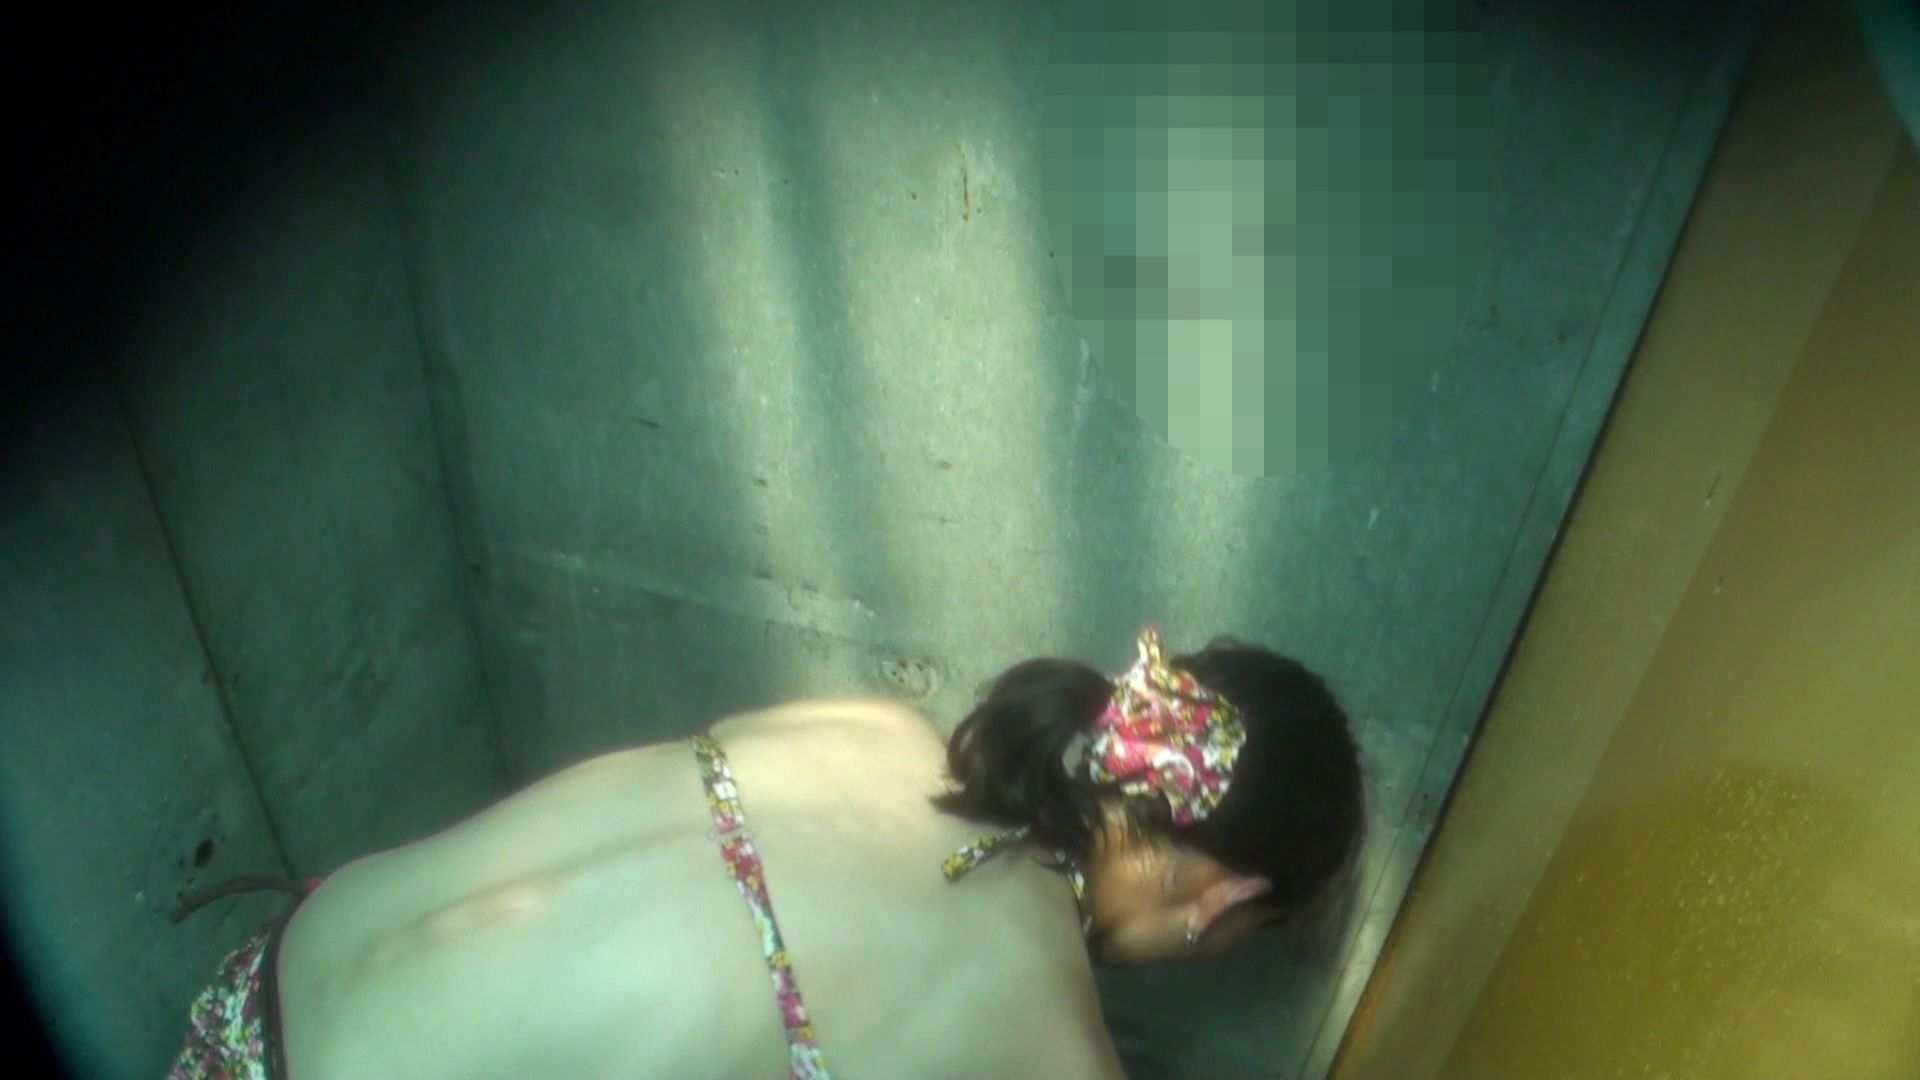 シャワールームは超!!危険な香りVol.16 意外に乳首は年増のそれ エロティックなOL   乳首  105画像 101